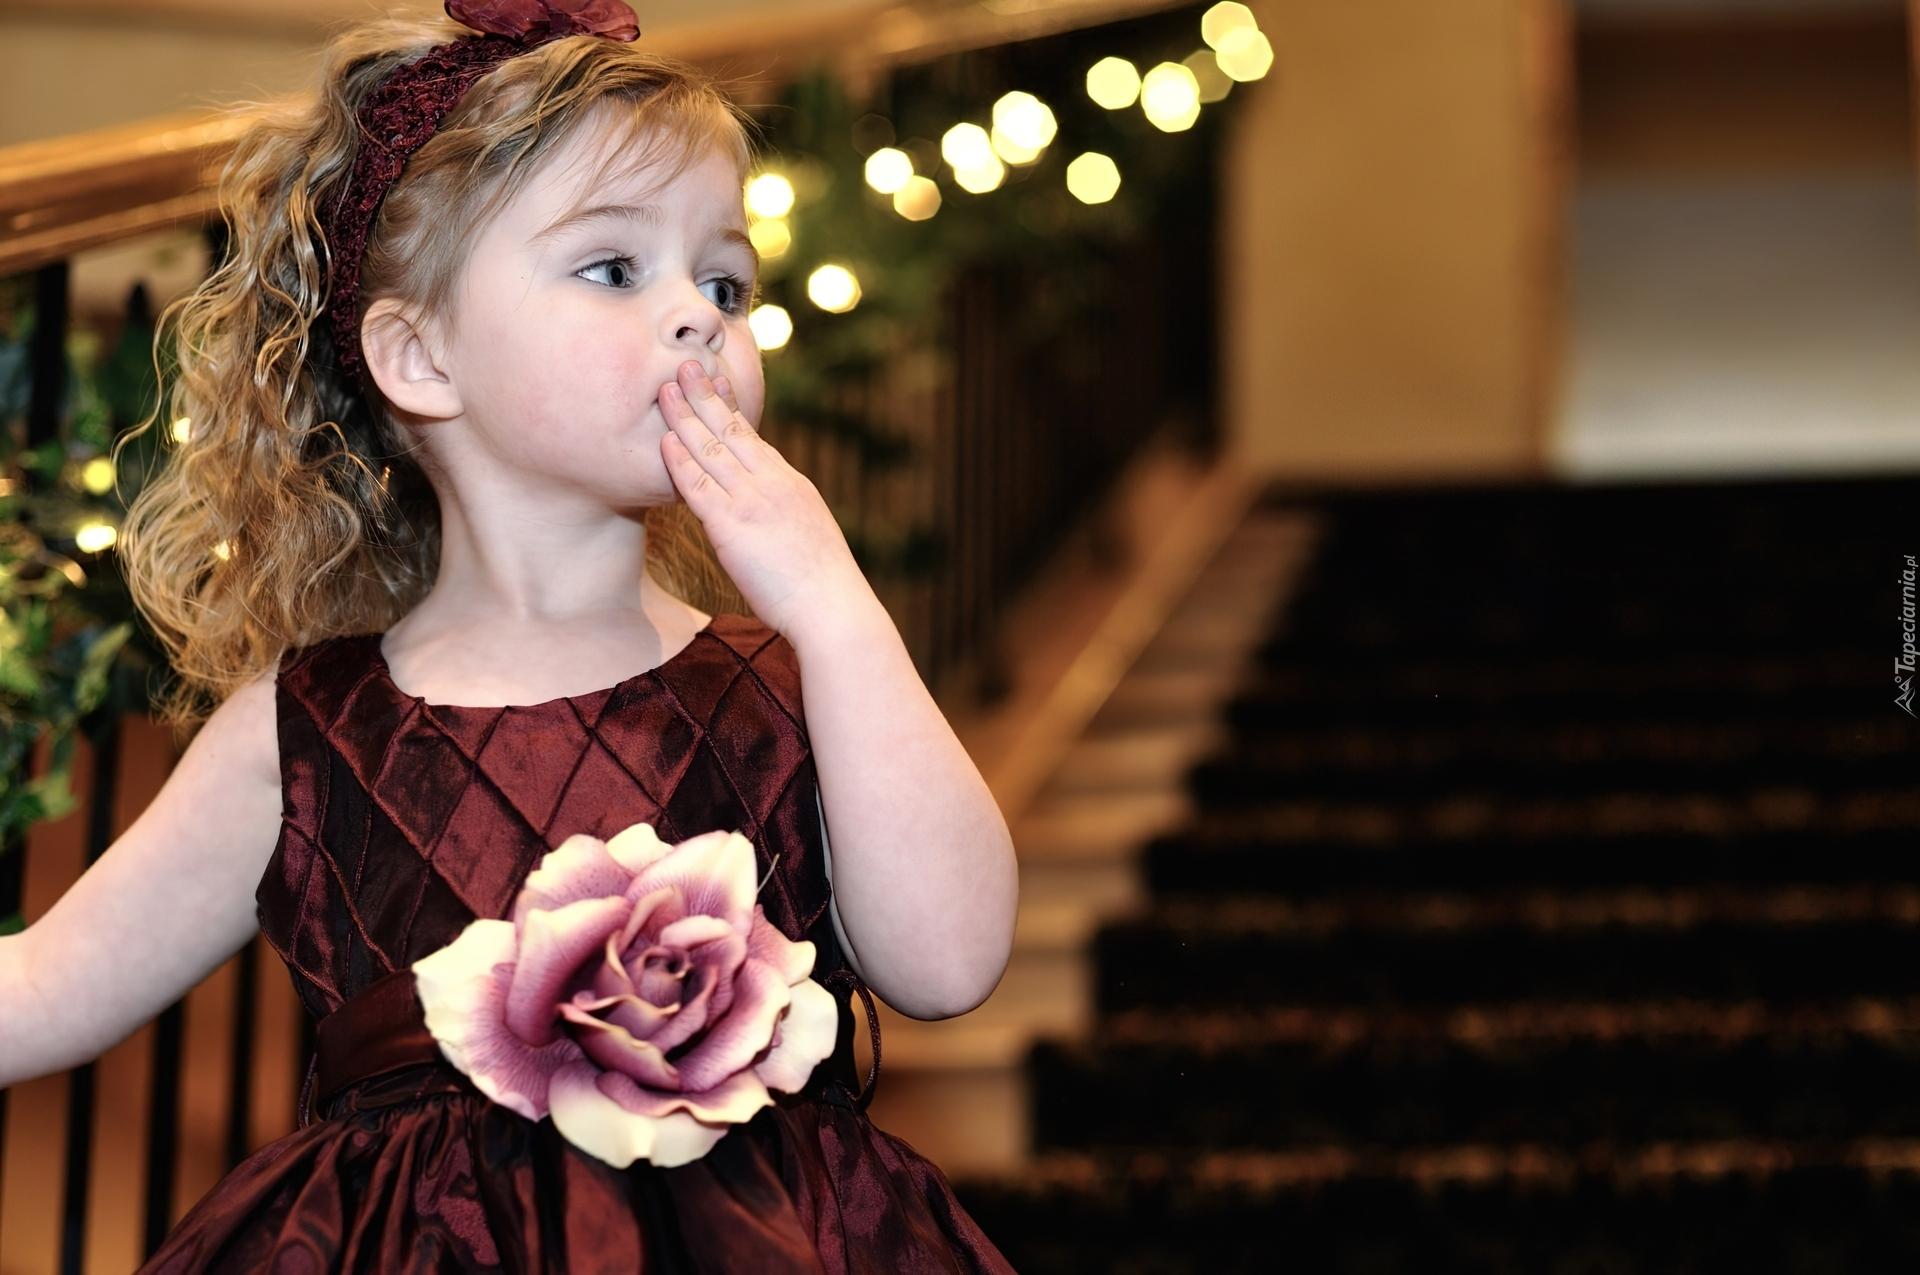 Zdziwiona dziewczynka sukienka r a opaska schody - Boy with rose wallpaper ...